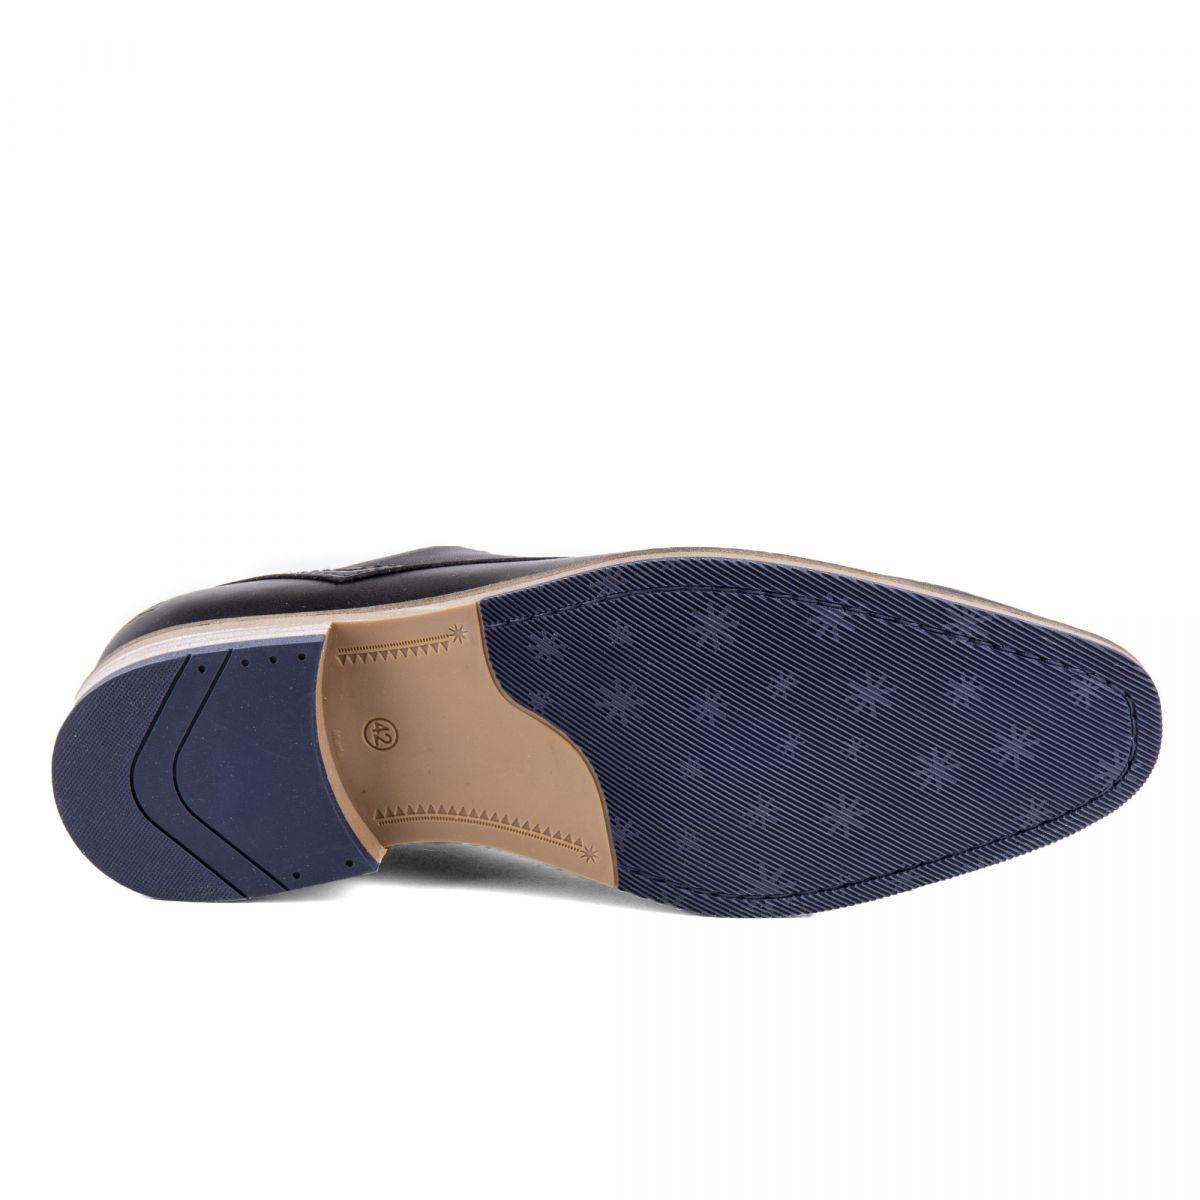 9d61a380cee ... Chaussures derbies noires cuir Homme PIERRE CARDIN marque pas cher prix  dégriffés destockage